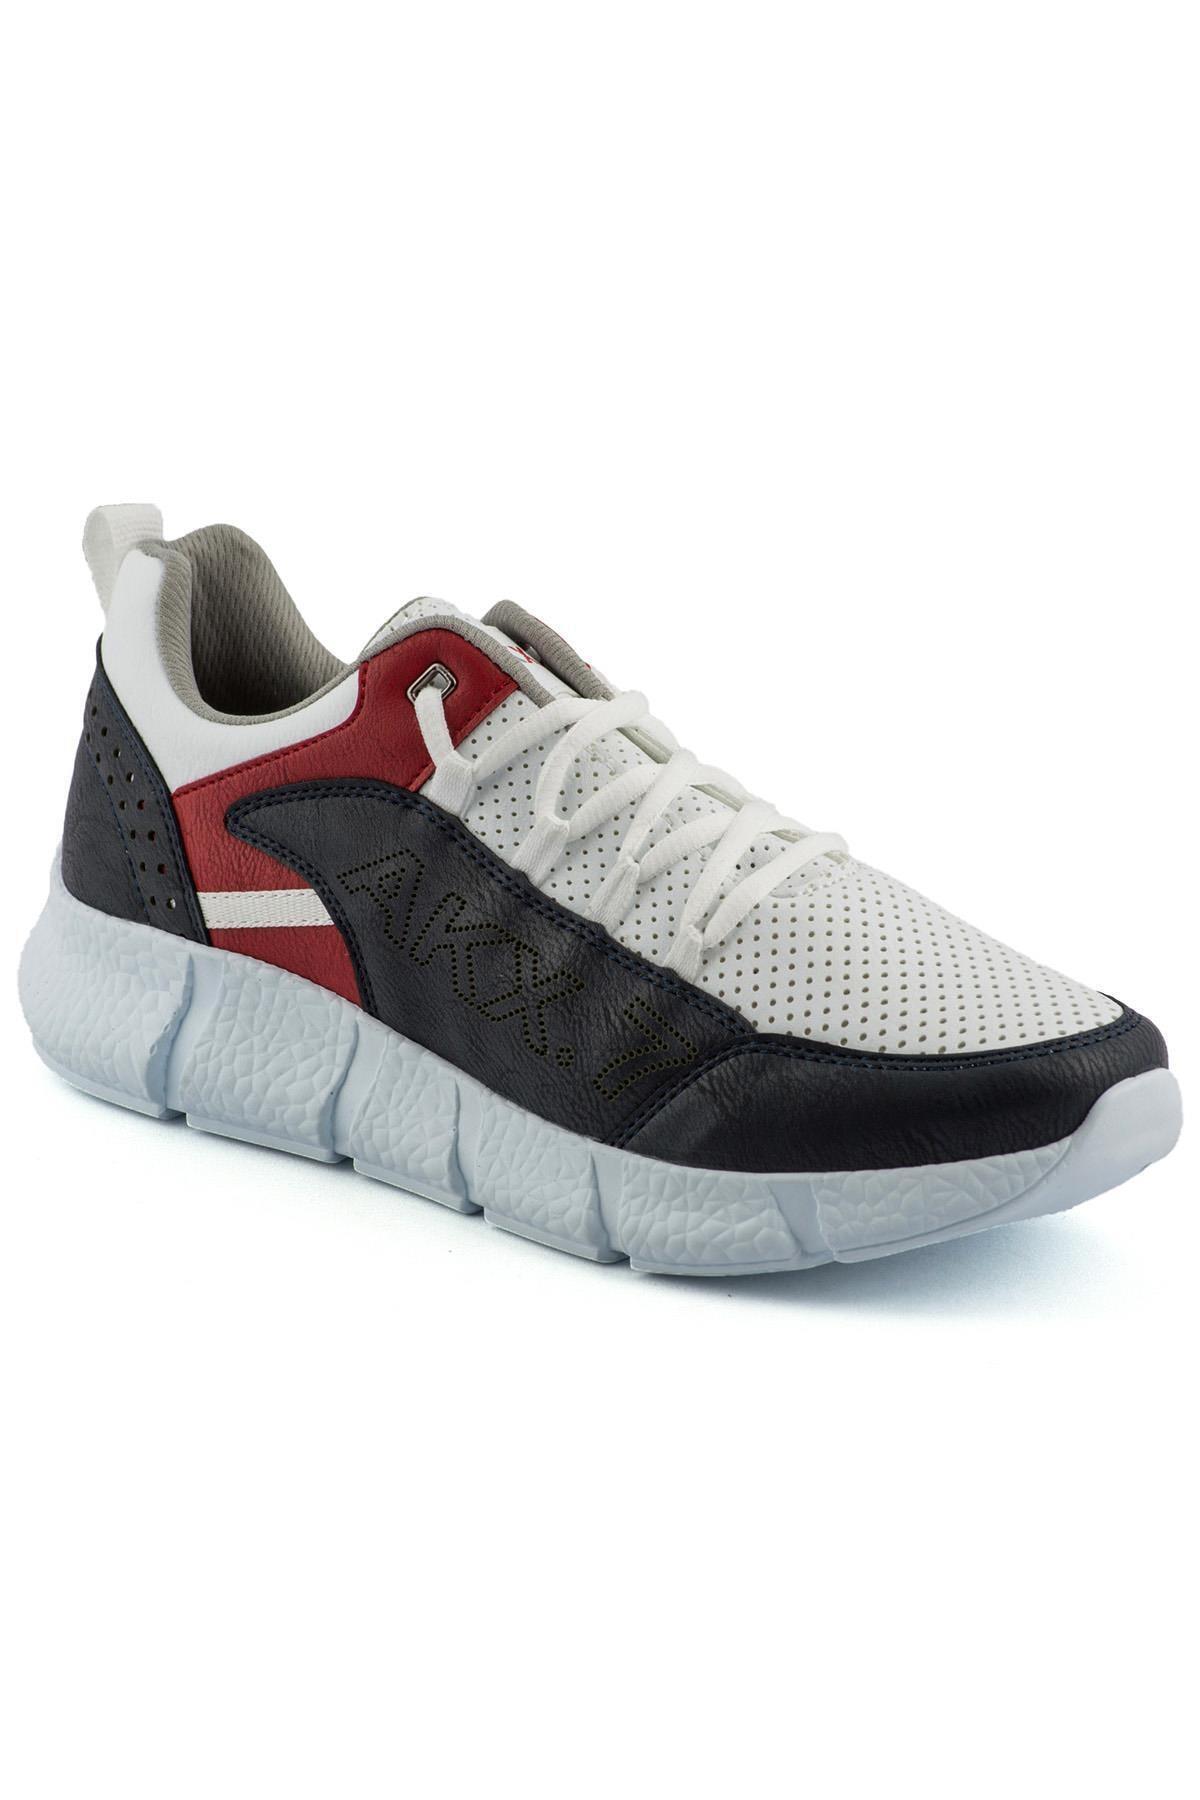 L.A Polo 021 Beyaz Lacivert Beyaz Erkek Spor Ayakkabı 1